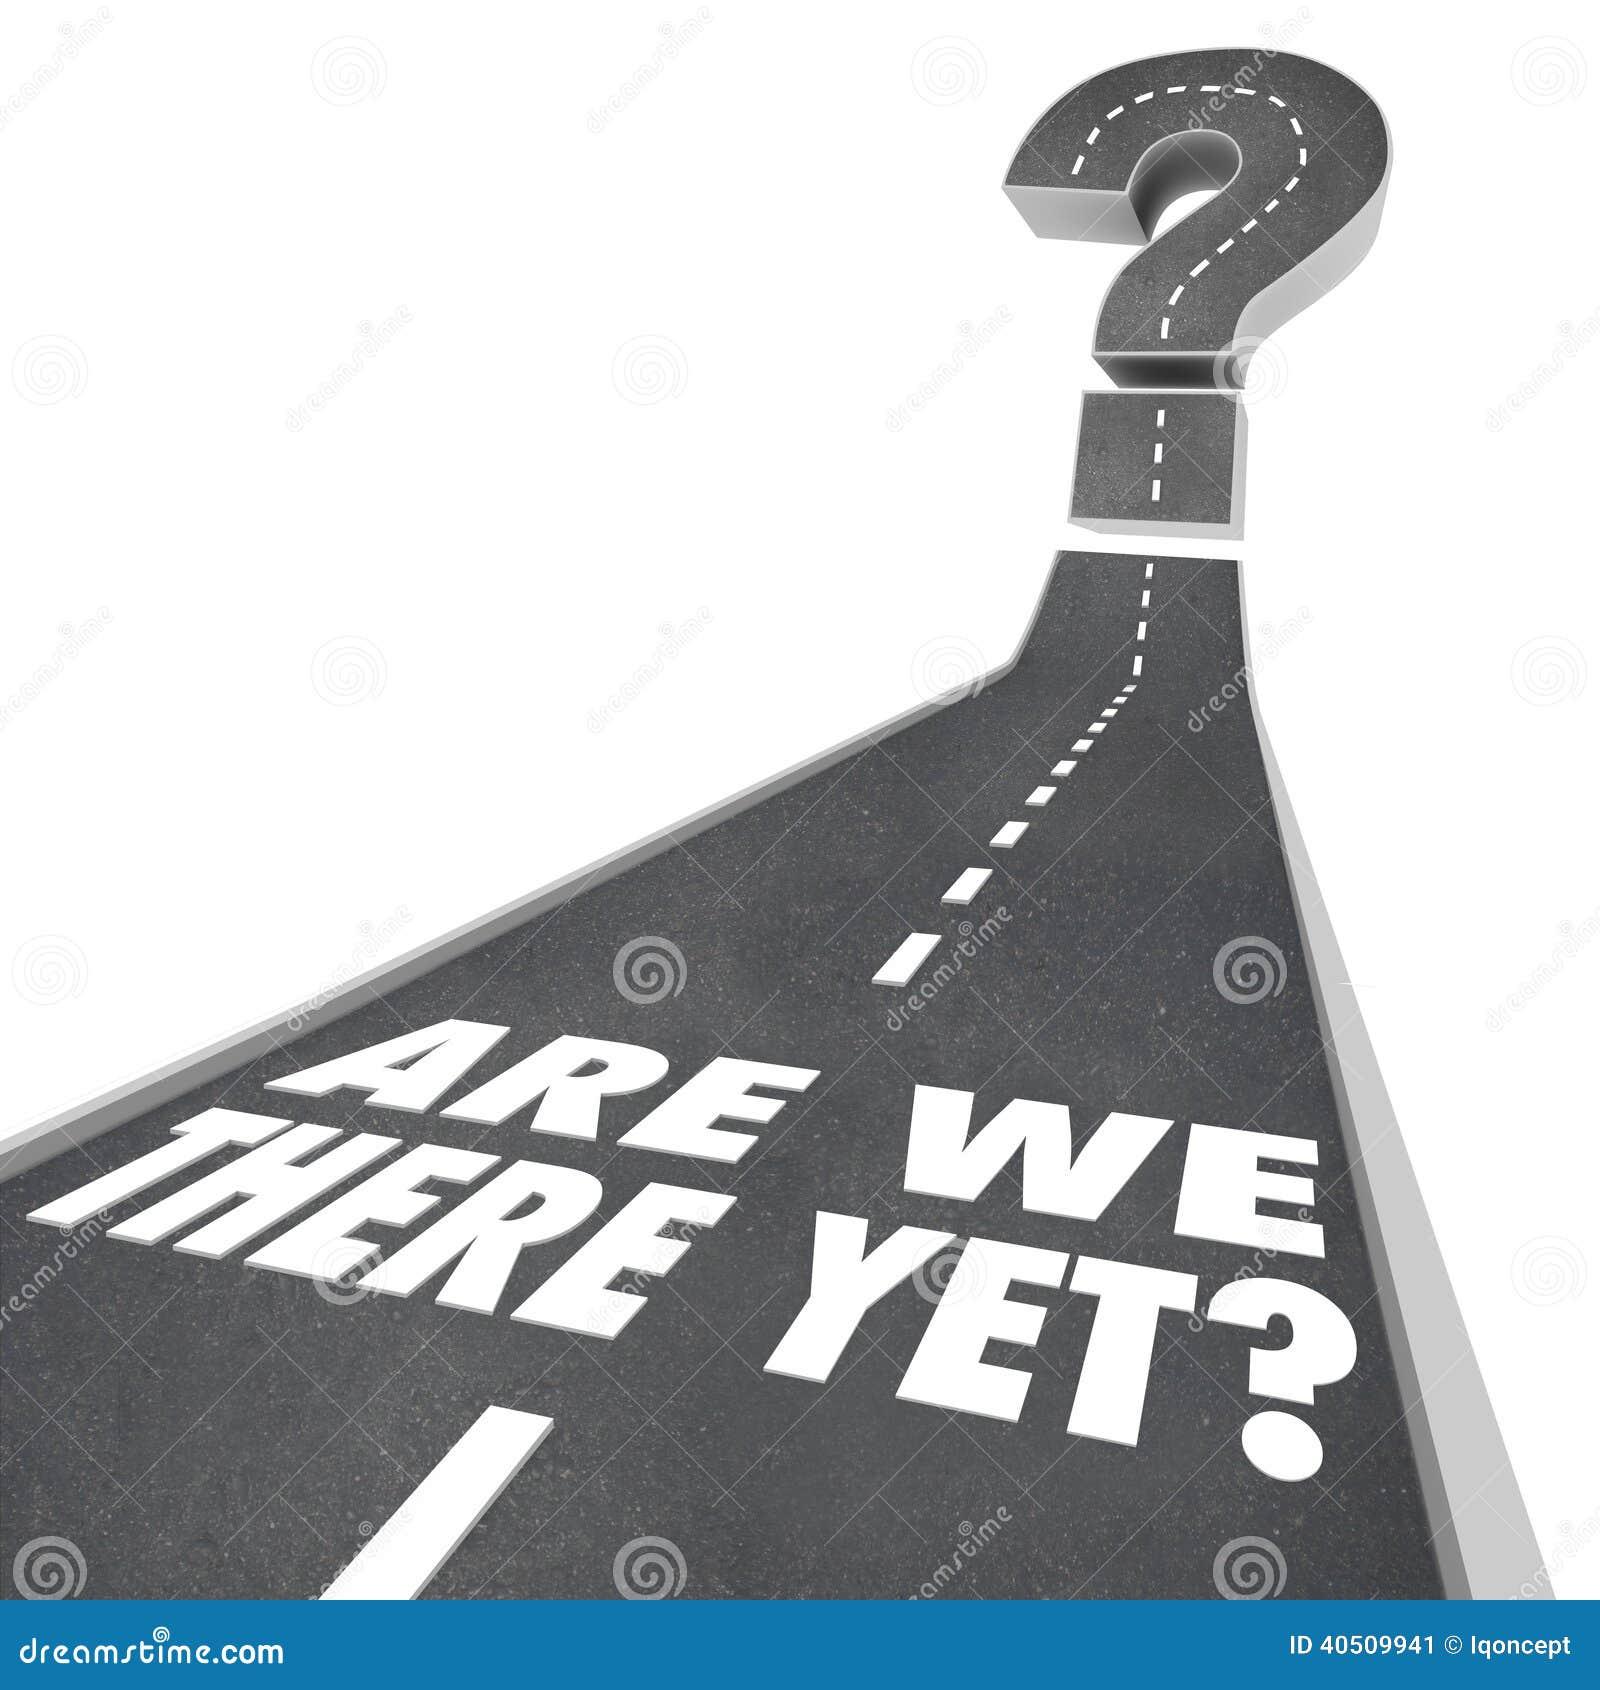 Είμαστε εκεί ακόμα αναμονή οδικών λέξεων ερωτηματικών ανυπόμονη